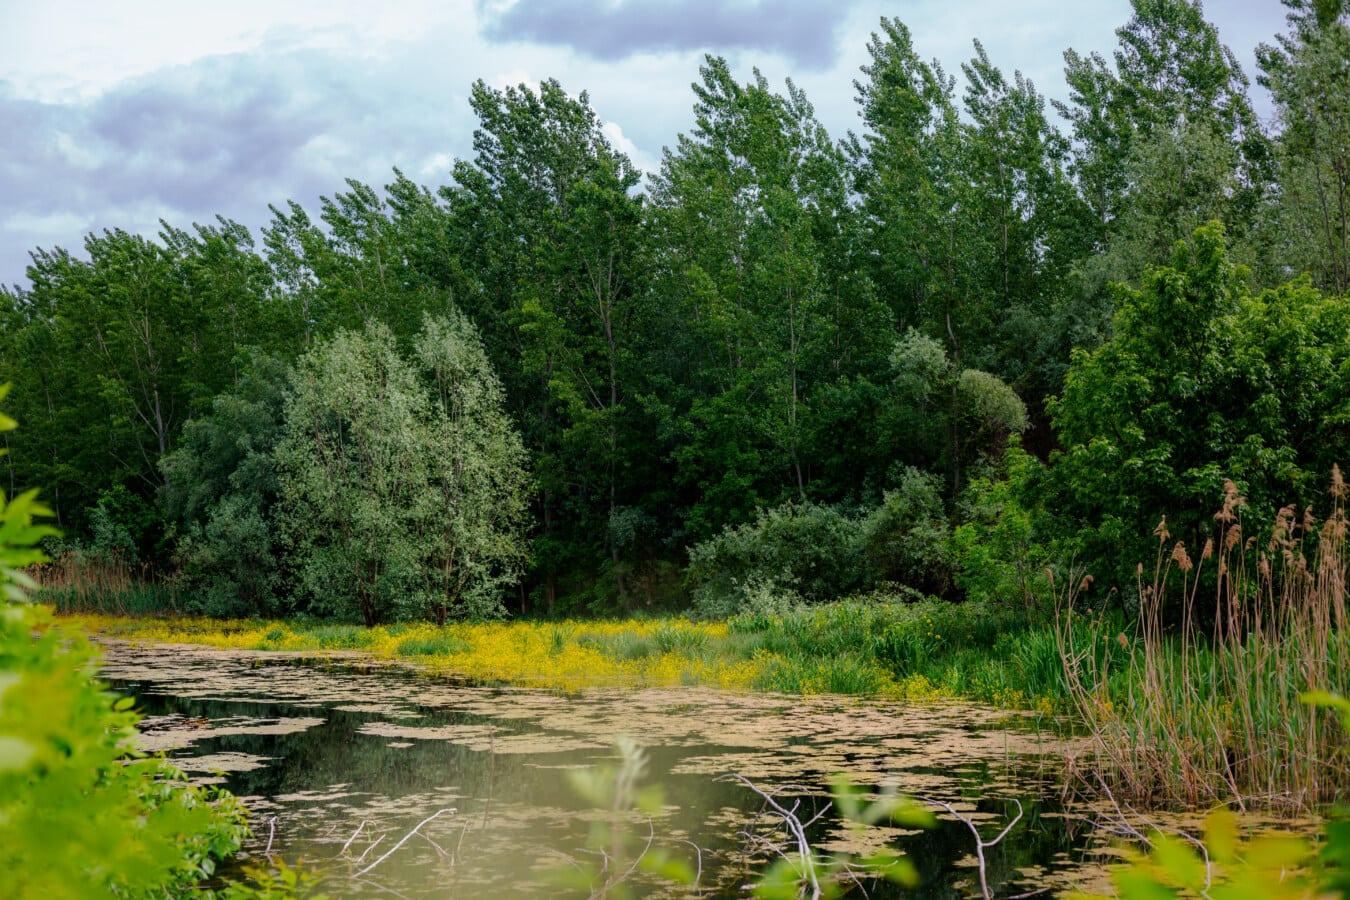 marais, forêt, arbre, Lac, paysage, terrain, plante, nature, bois, eau